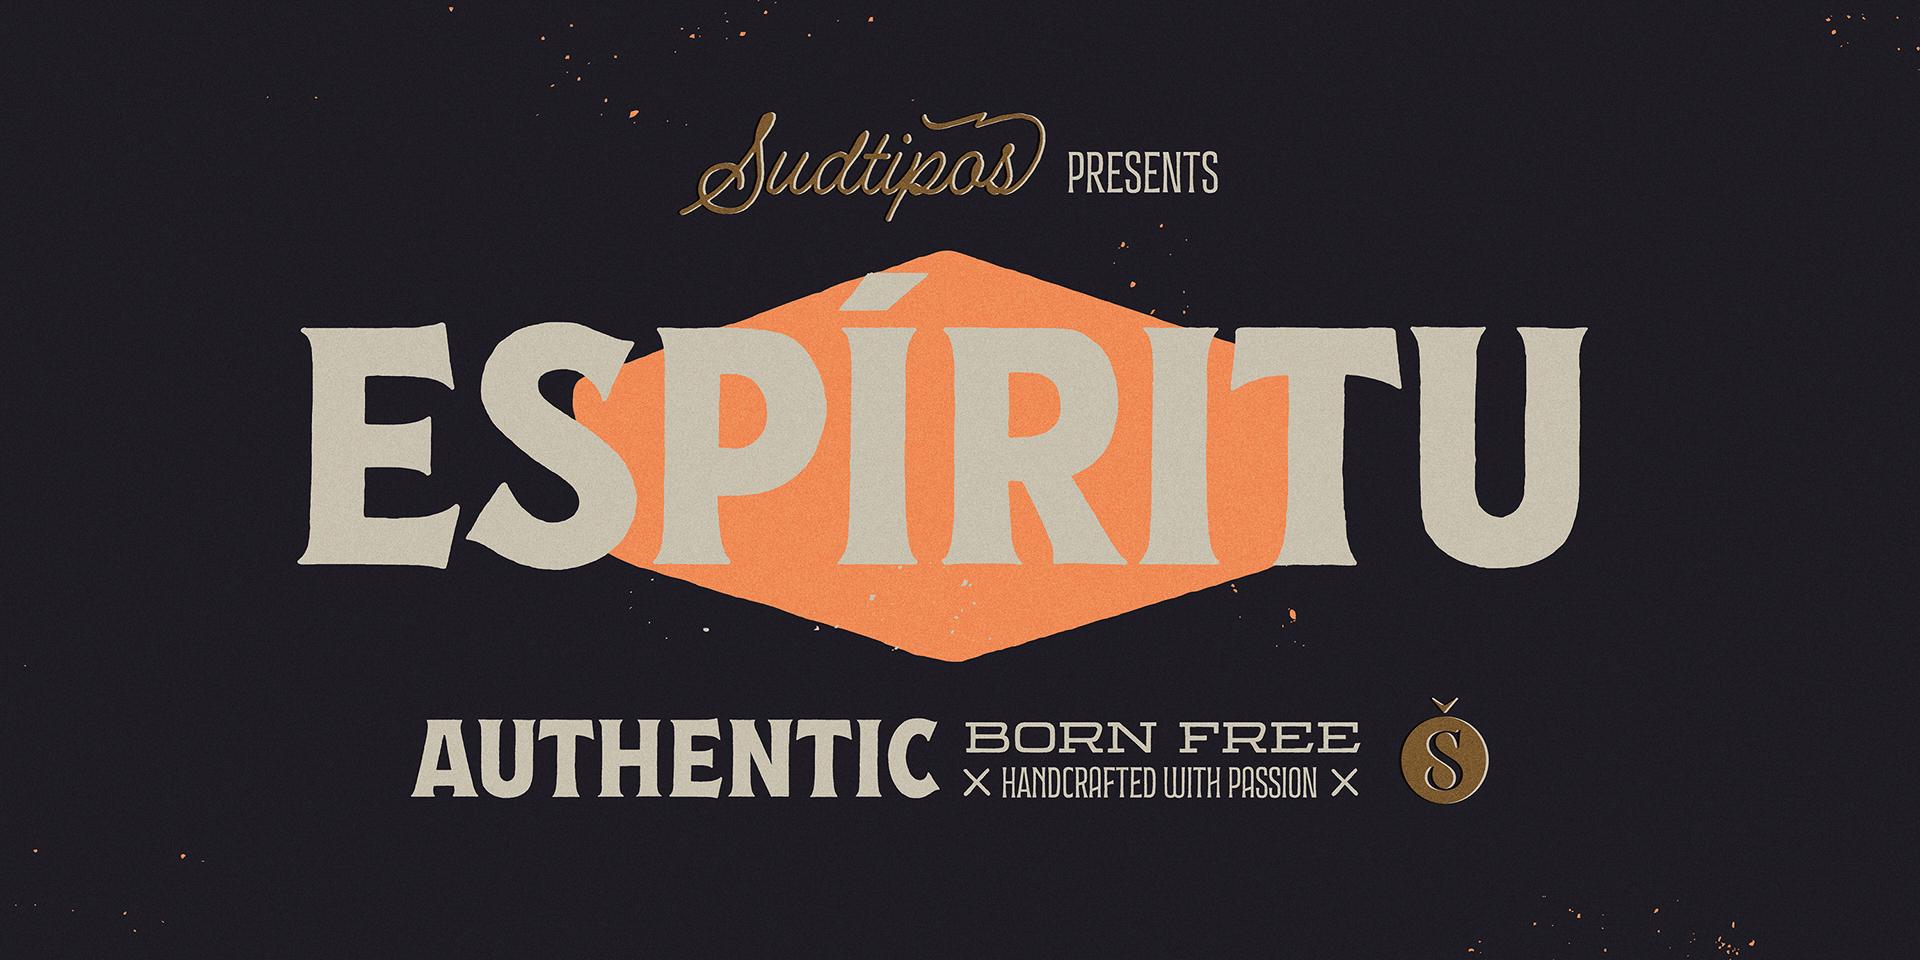 时尚复古海报标题徽标Logo设计英文字体下载 Espiritu Font Family插图